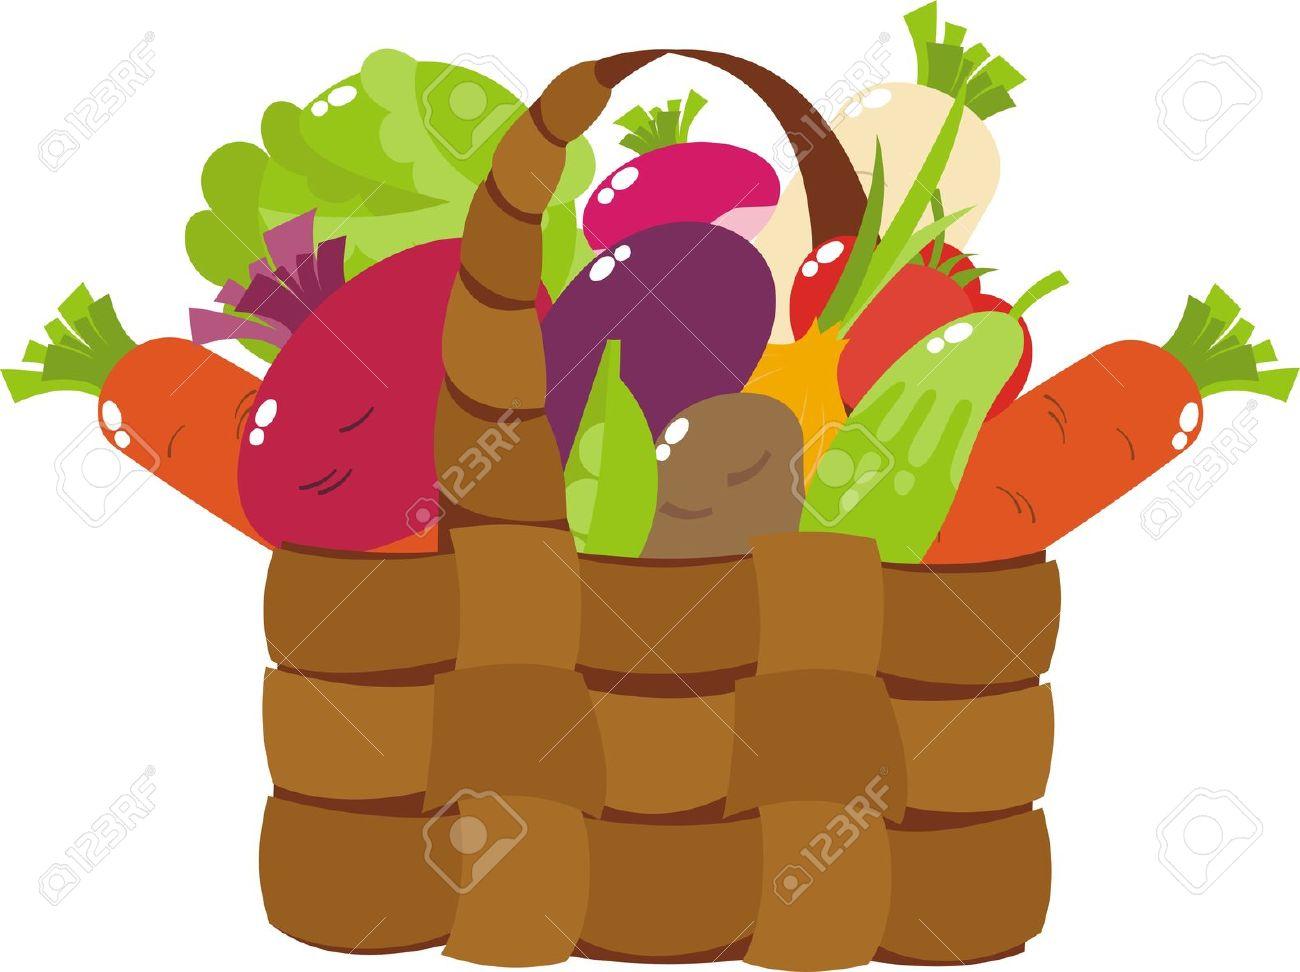 Clip Art Vegetables - Blogsbeta